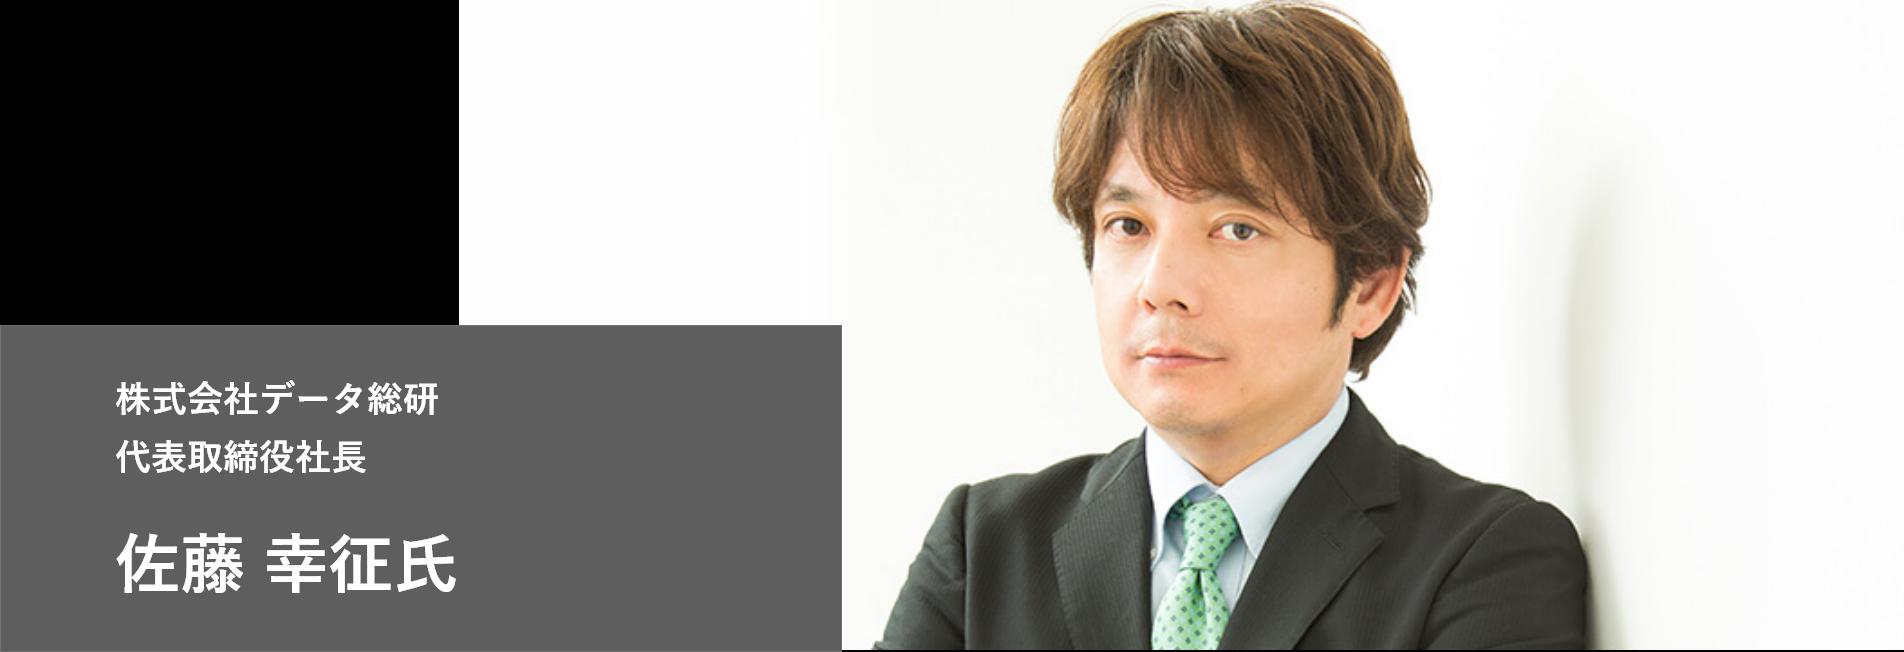 株式会社データ総研 代表取締役社長 佐藤 幸征氏